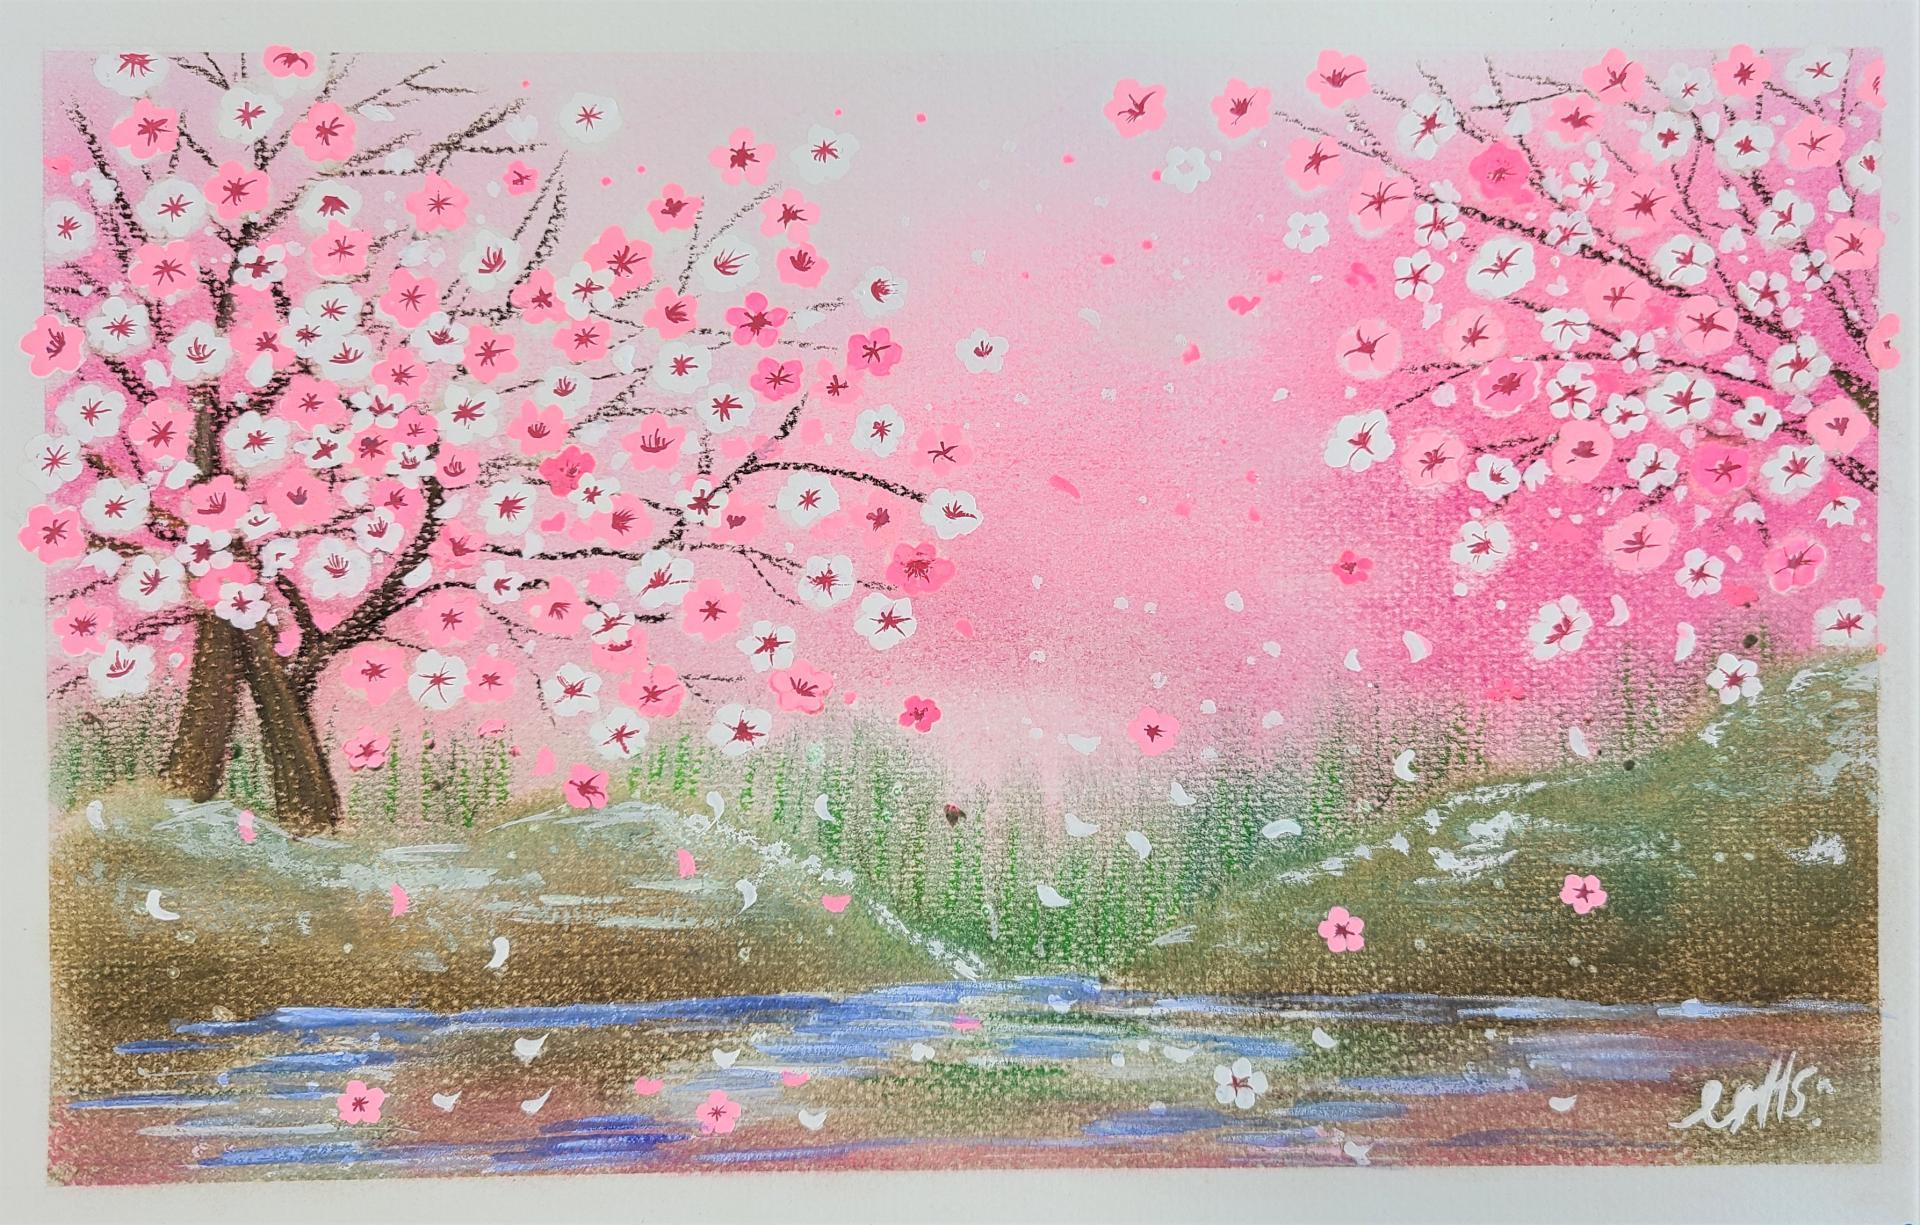 작품명 - 꽃피는 봄이 오면